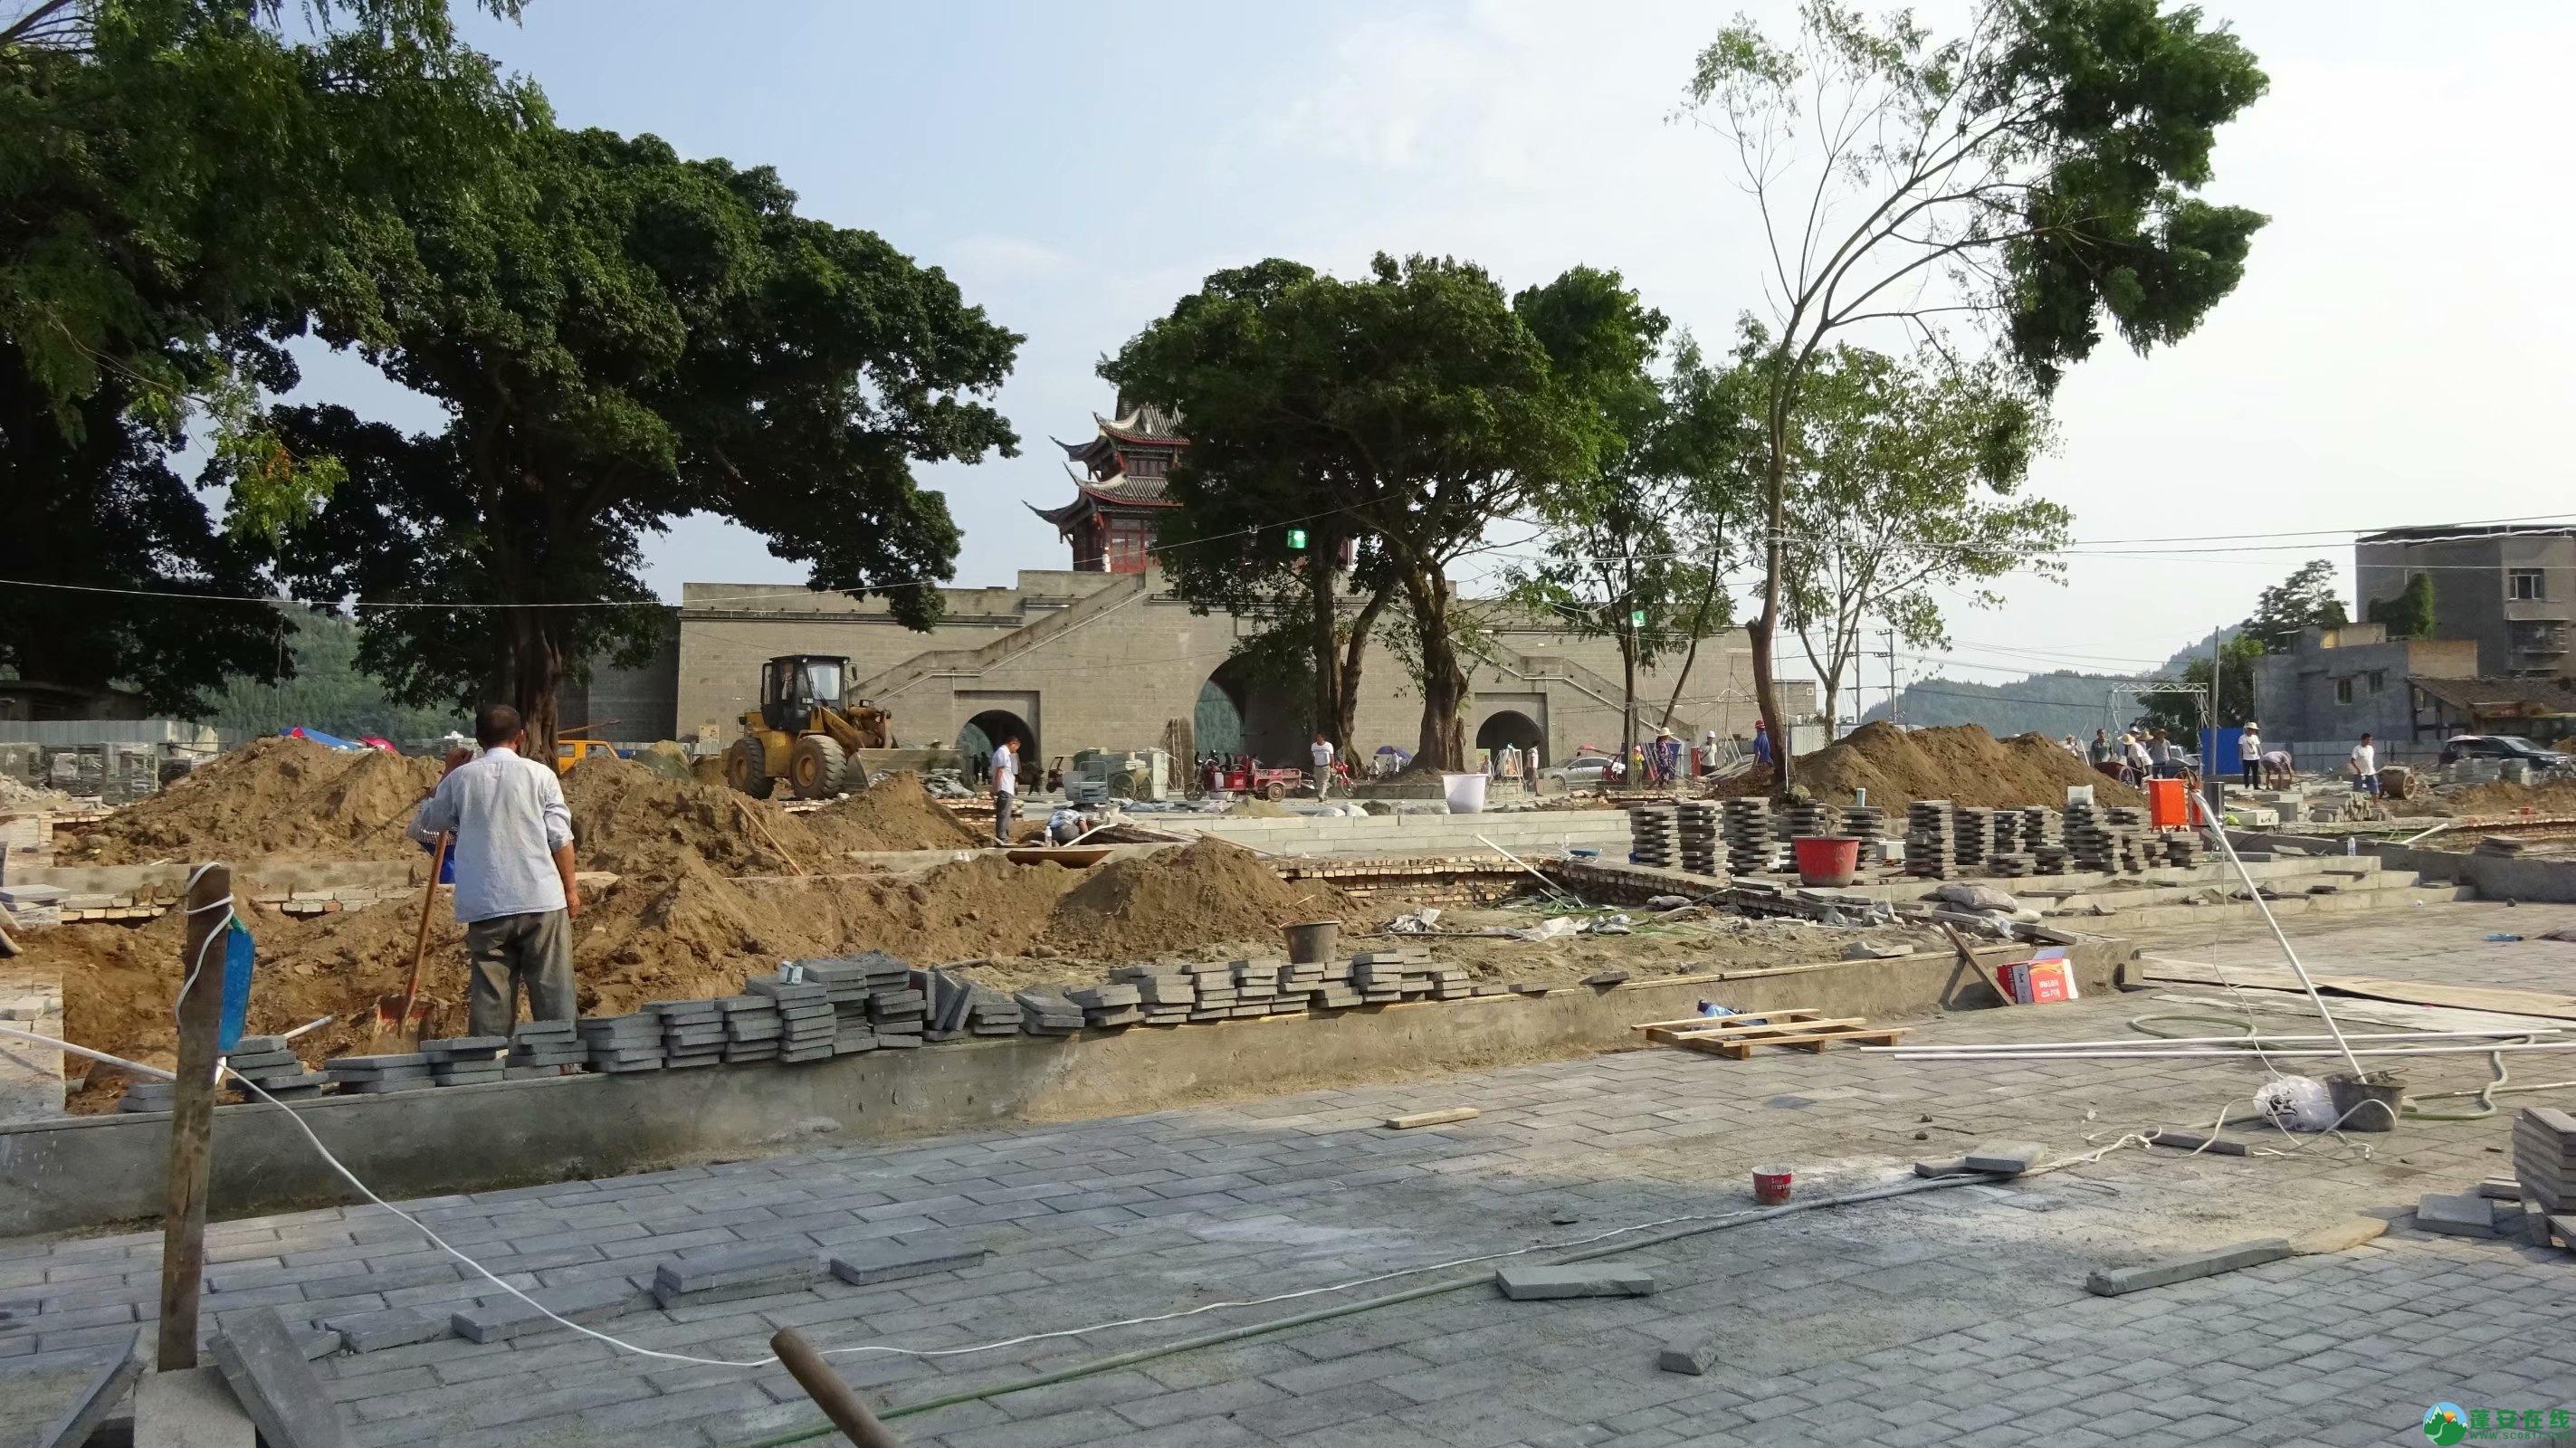 蓬安锦屏相如故城建设迅猛 - 第41张  | 蓬安在线